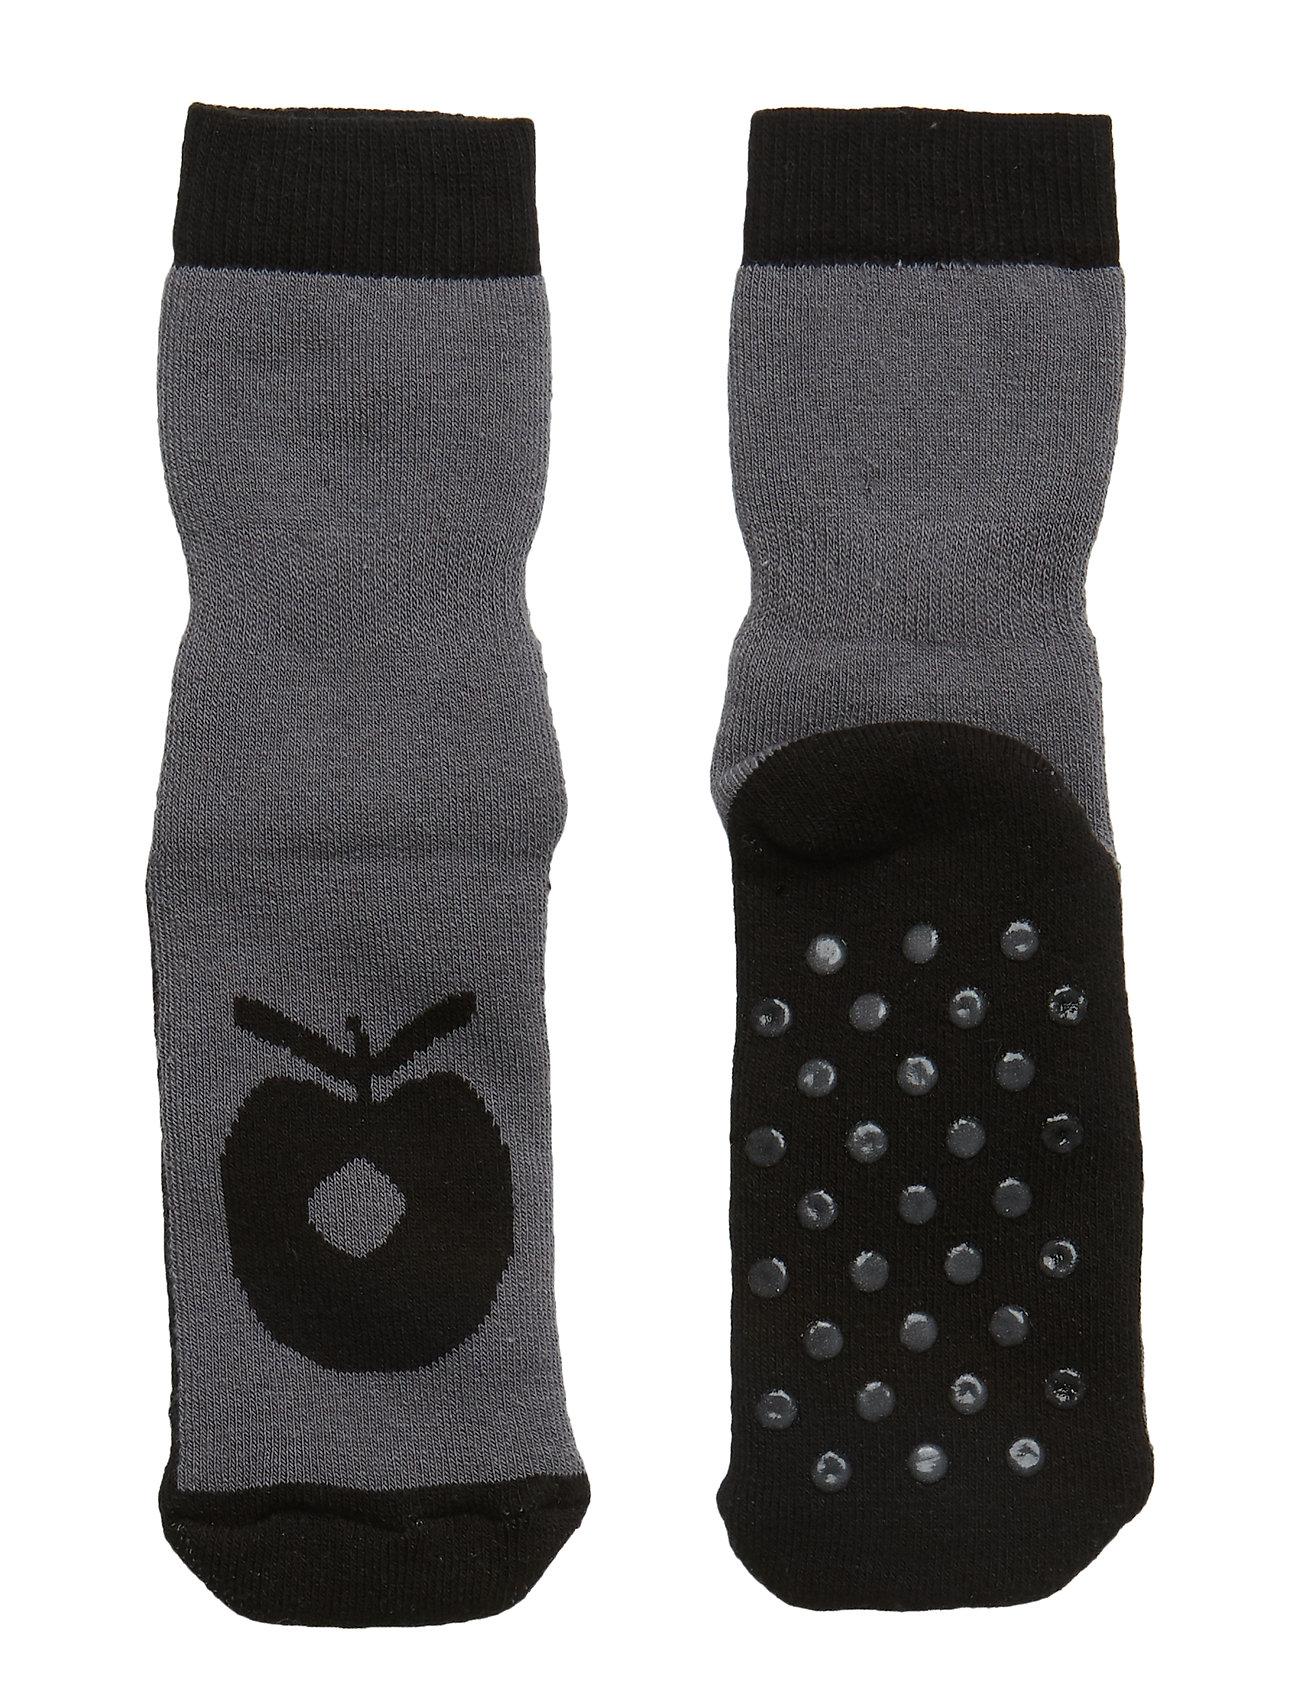 Småfolk Socks Big Apple, Non-slip. Originals. - B. GREY